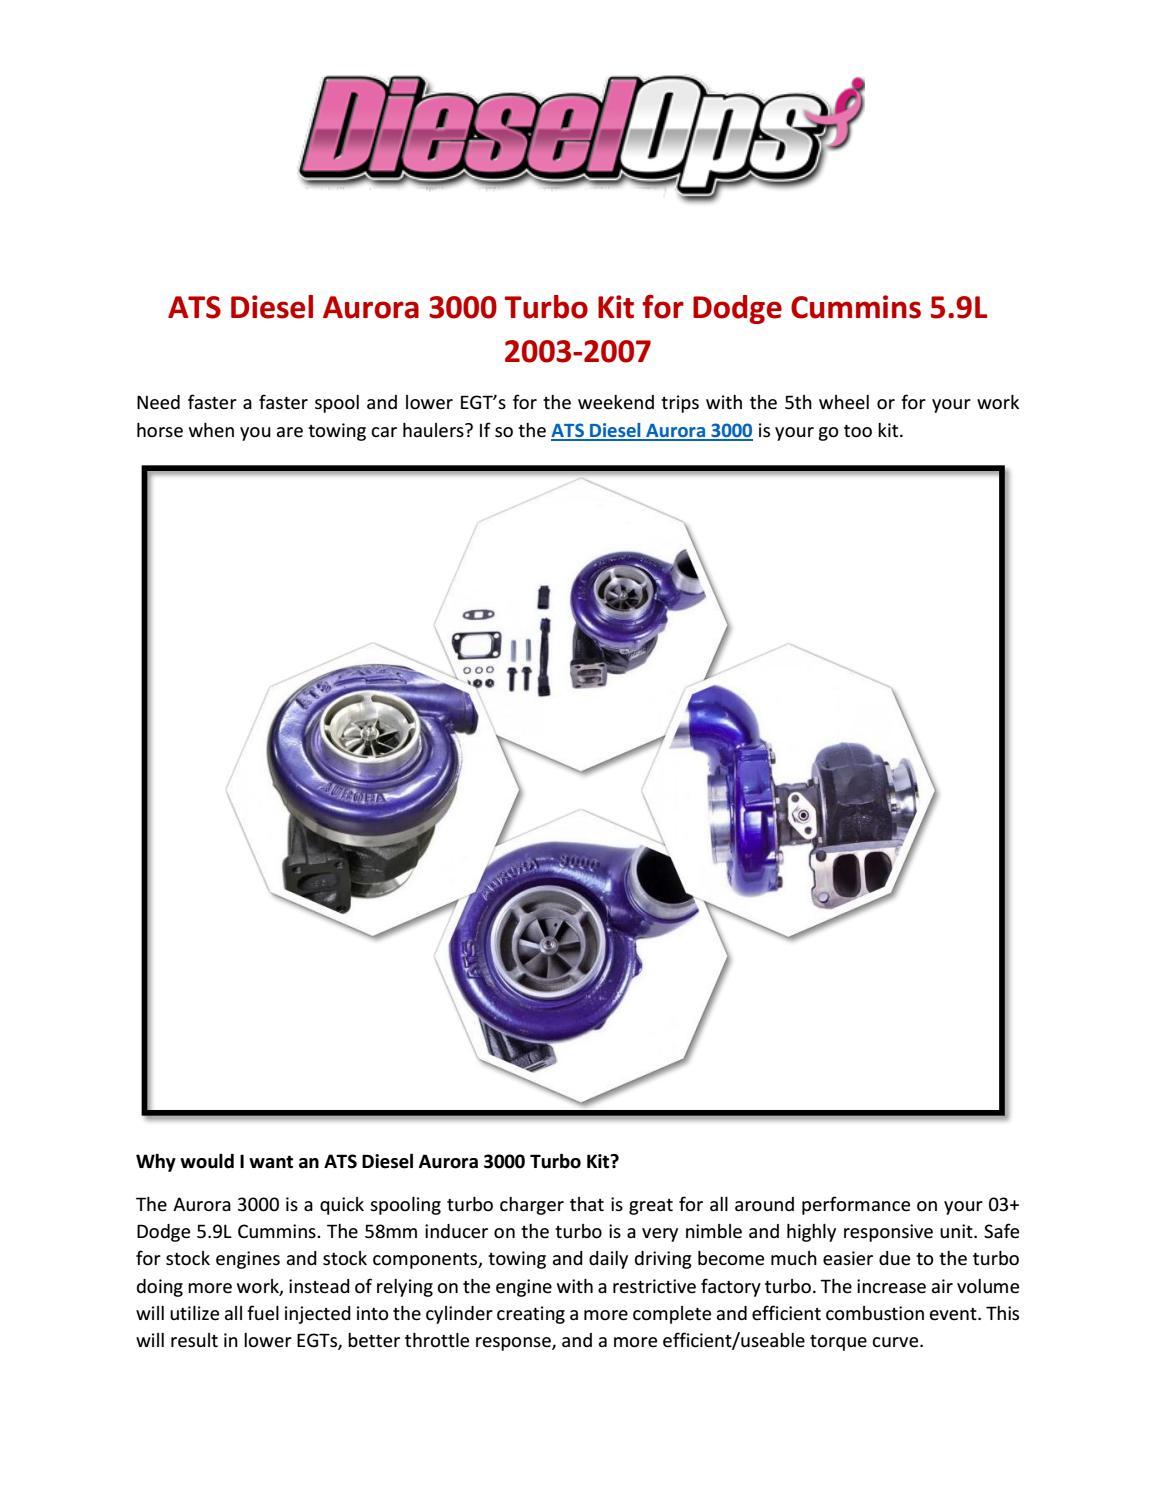 ATS Diesel Aurora 3000 Turbo Kit for Dodge Cummins 5 9L 2003